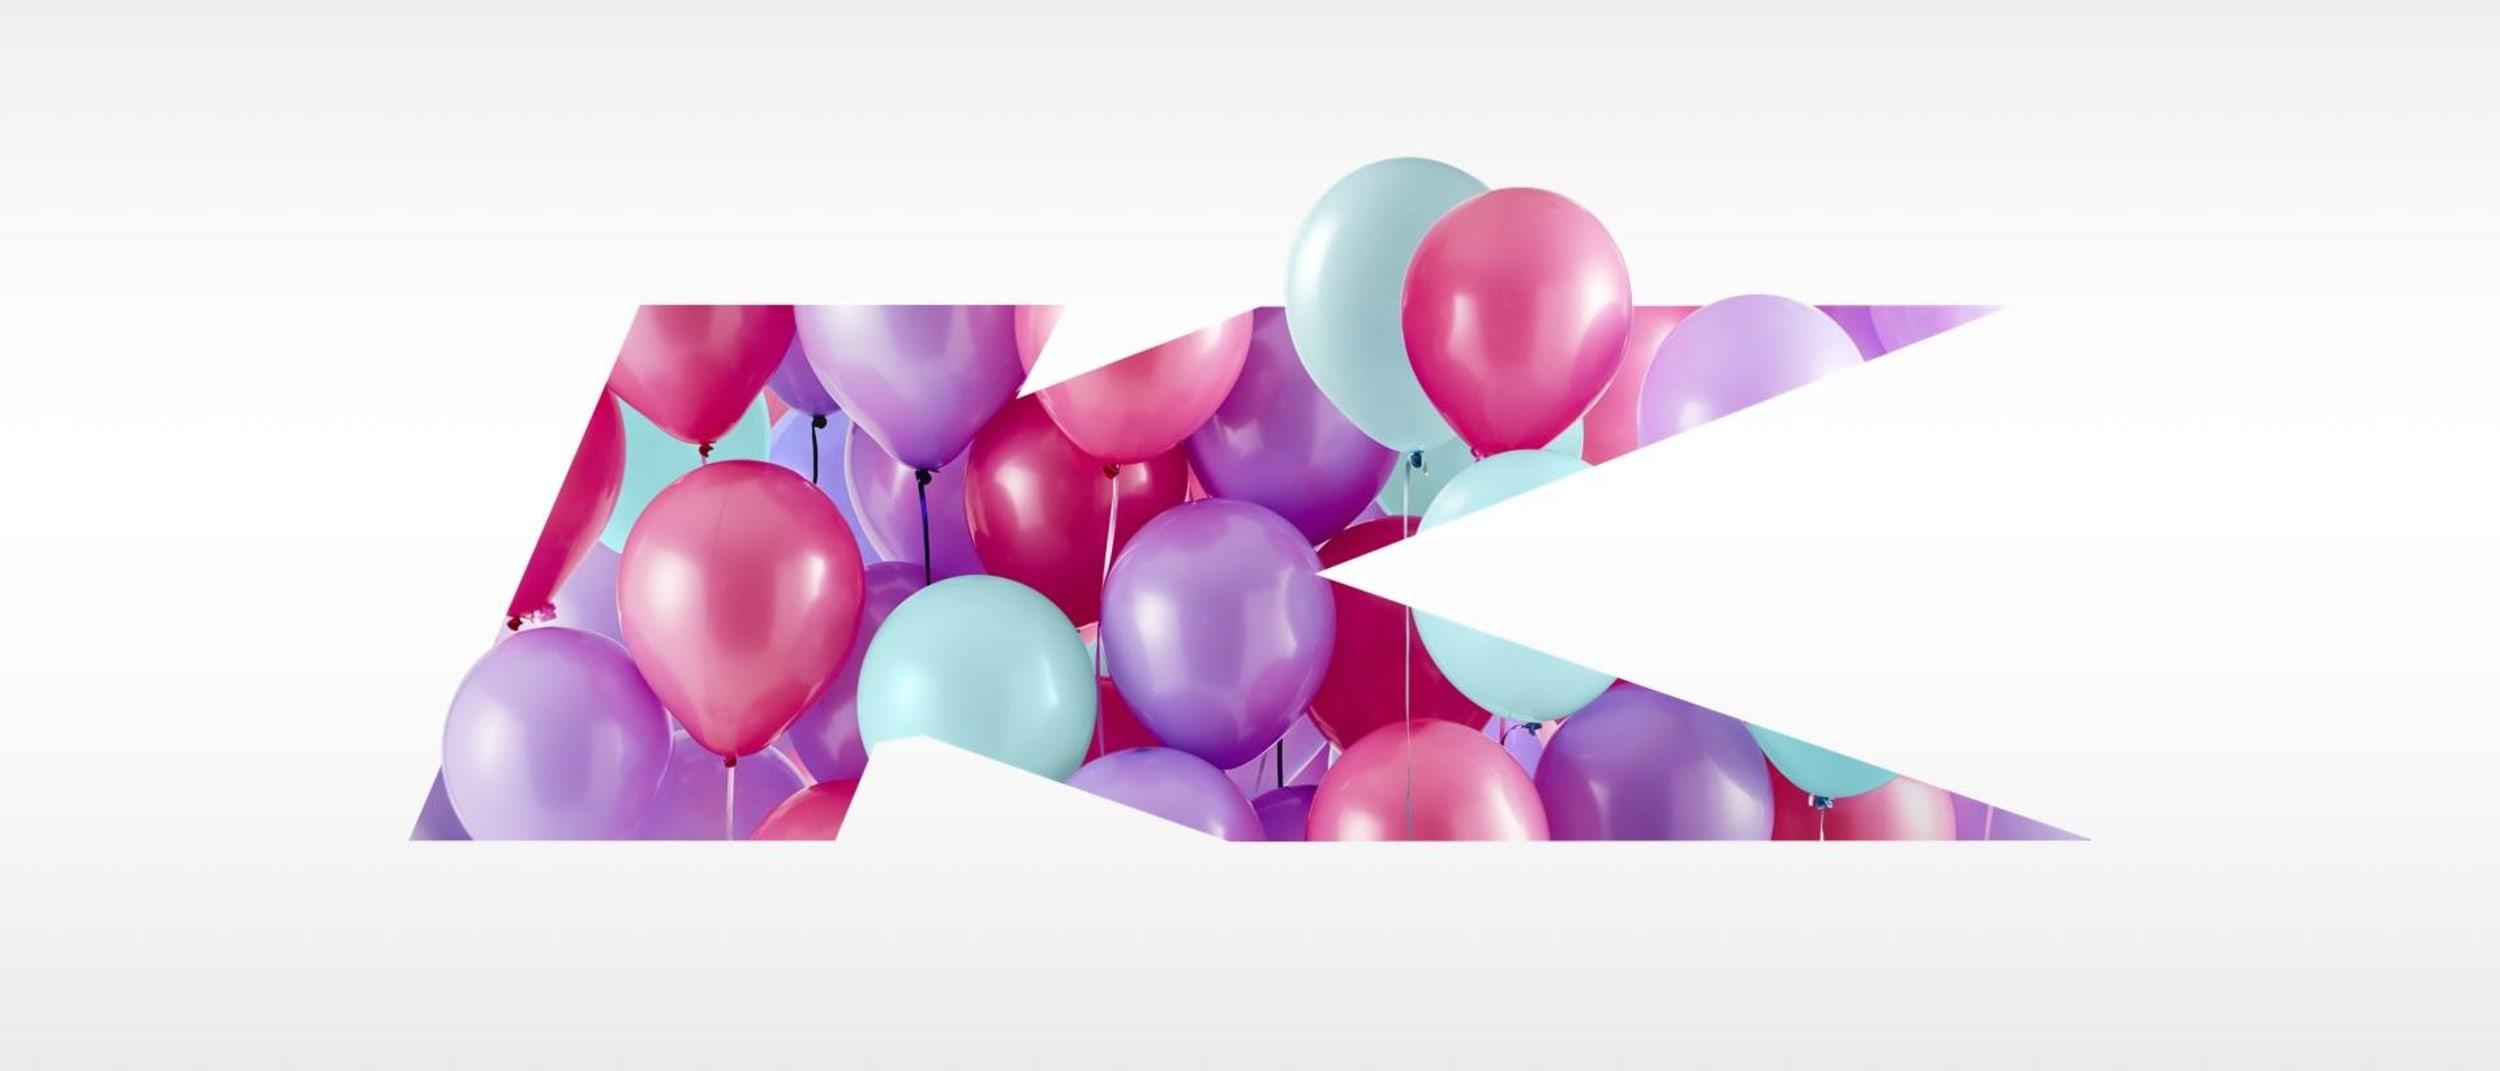 c8a044e4fdd9d Event - Kmart is now open